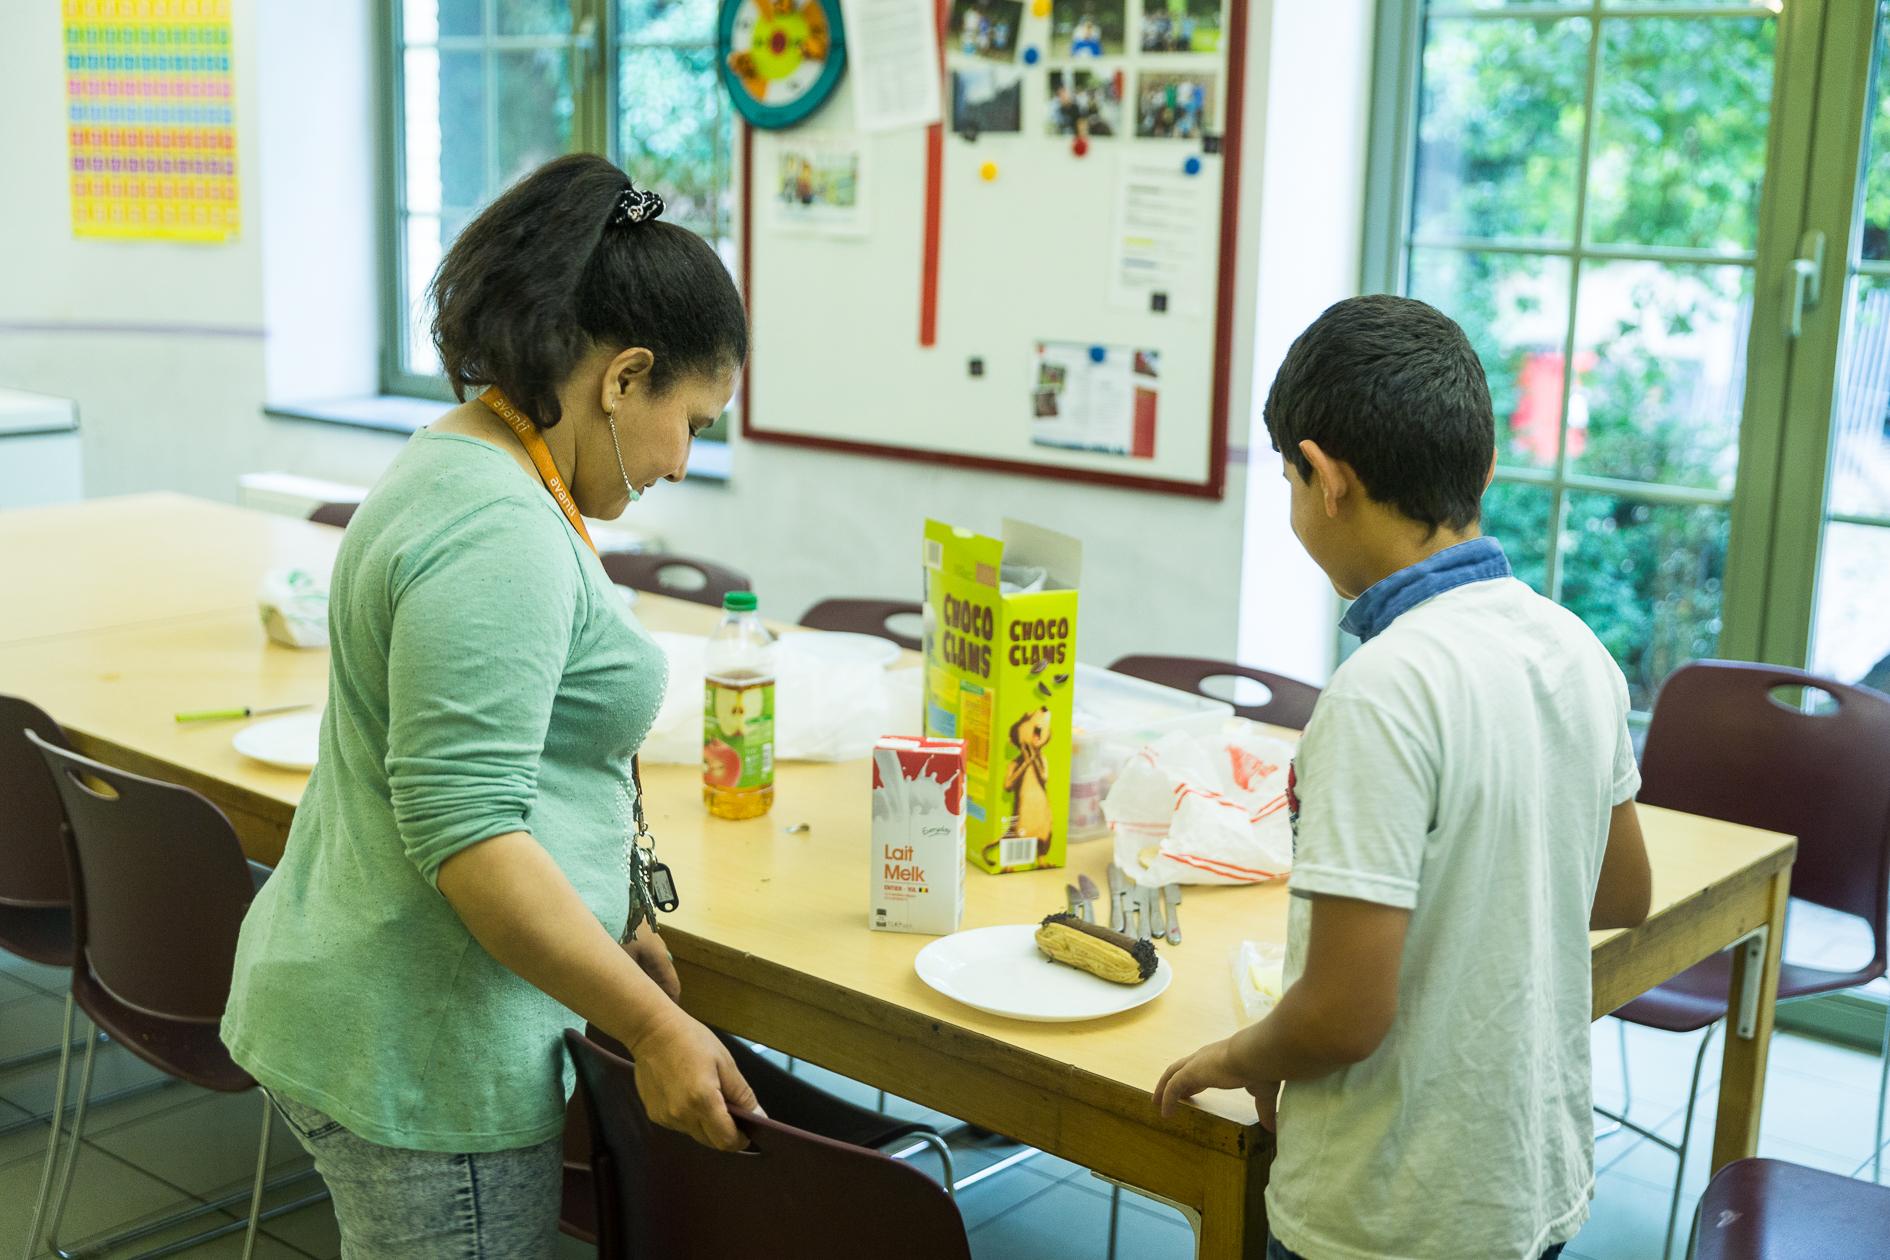 Minor Ndako, Opvang en begeleiding voor minderjarigen en hun context, vluchtelingen, Mohammed (12) aan het ontbijt.